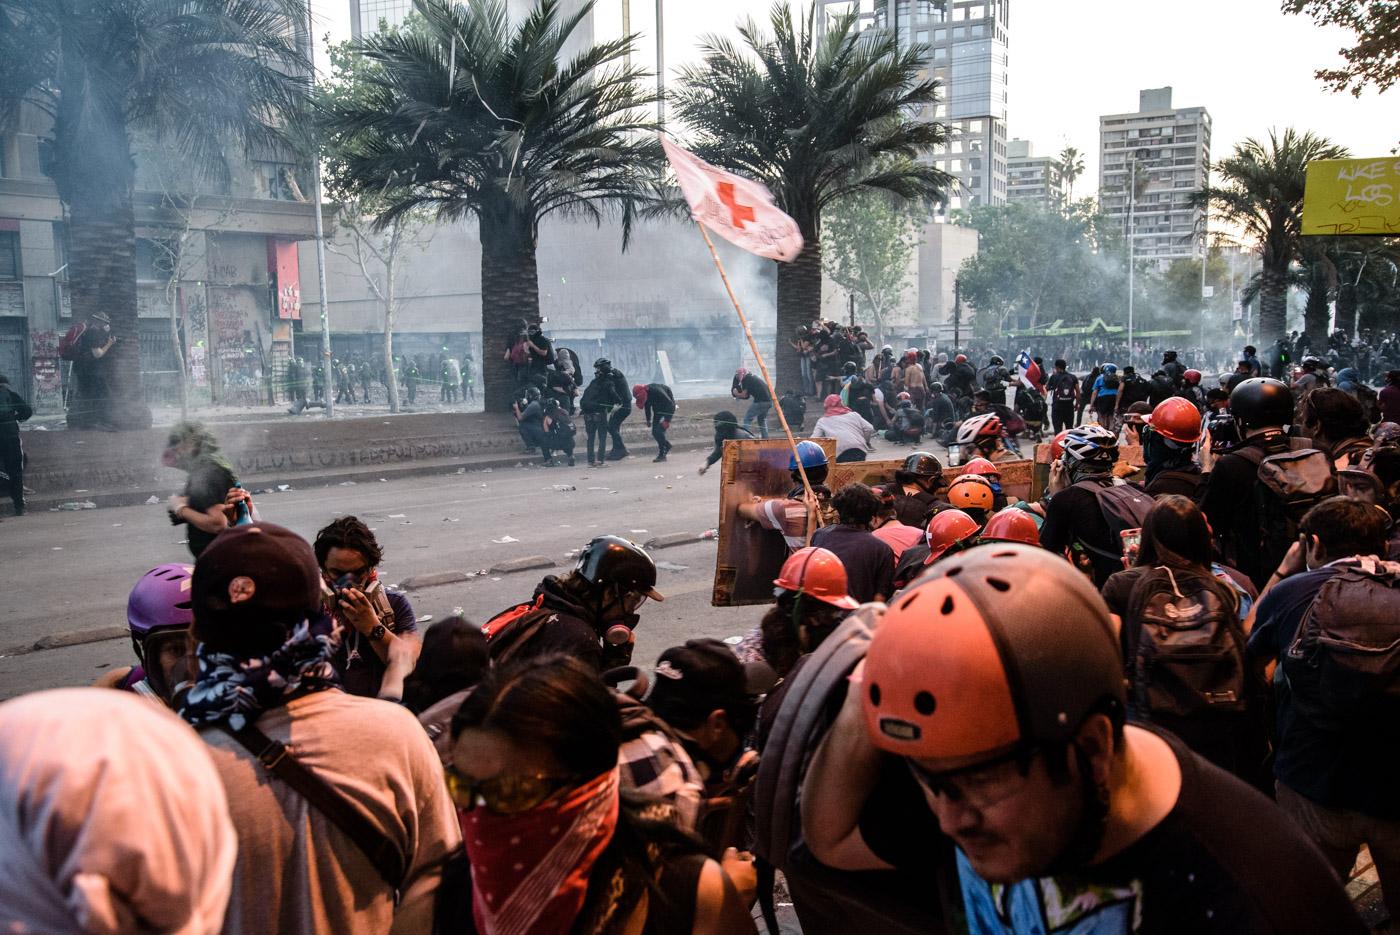 Londres 38, espacio de memorias: la lucha contra la impunidad ayer y hoy